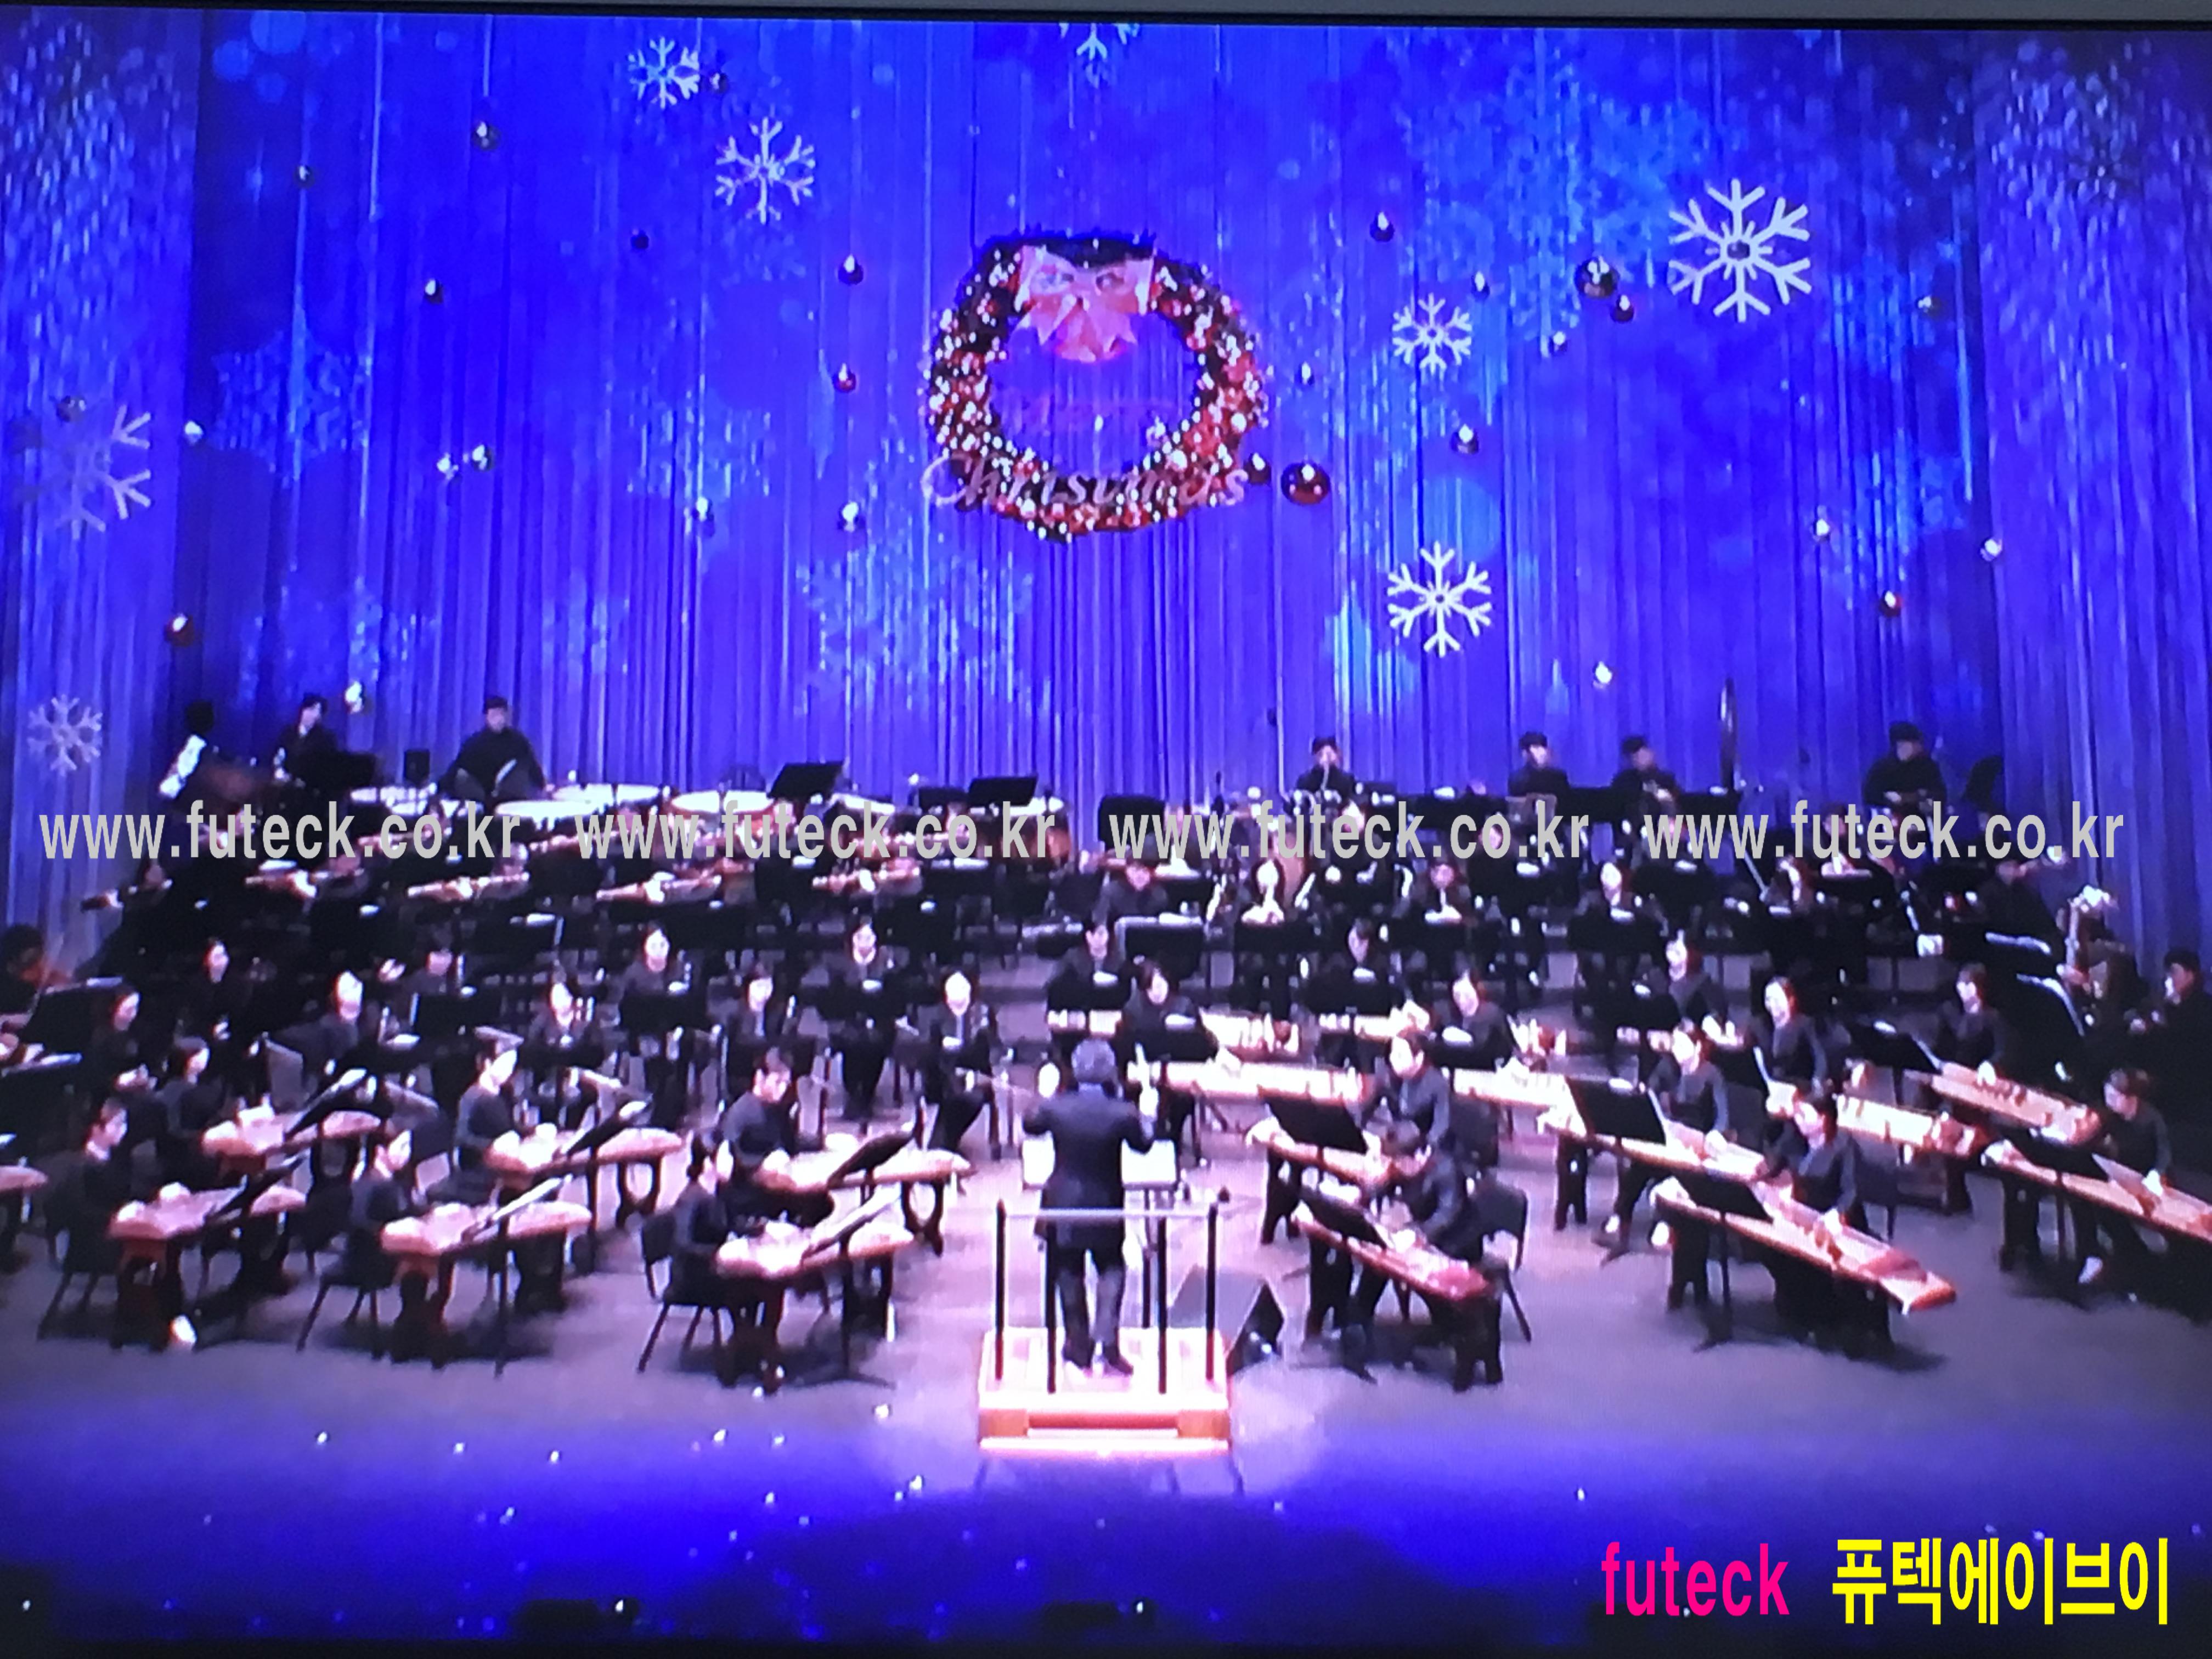 대전 연정국악원 작은마당 - 영상렌탈 3.png